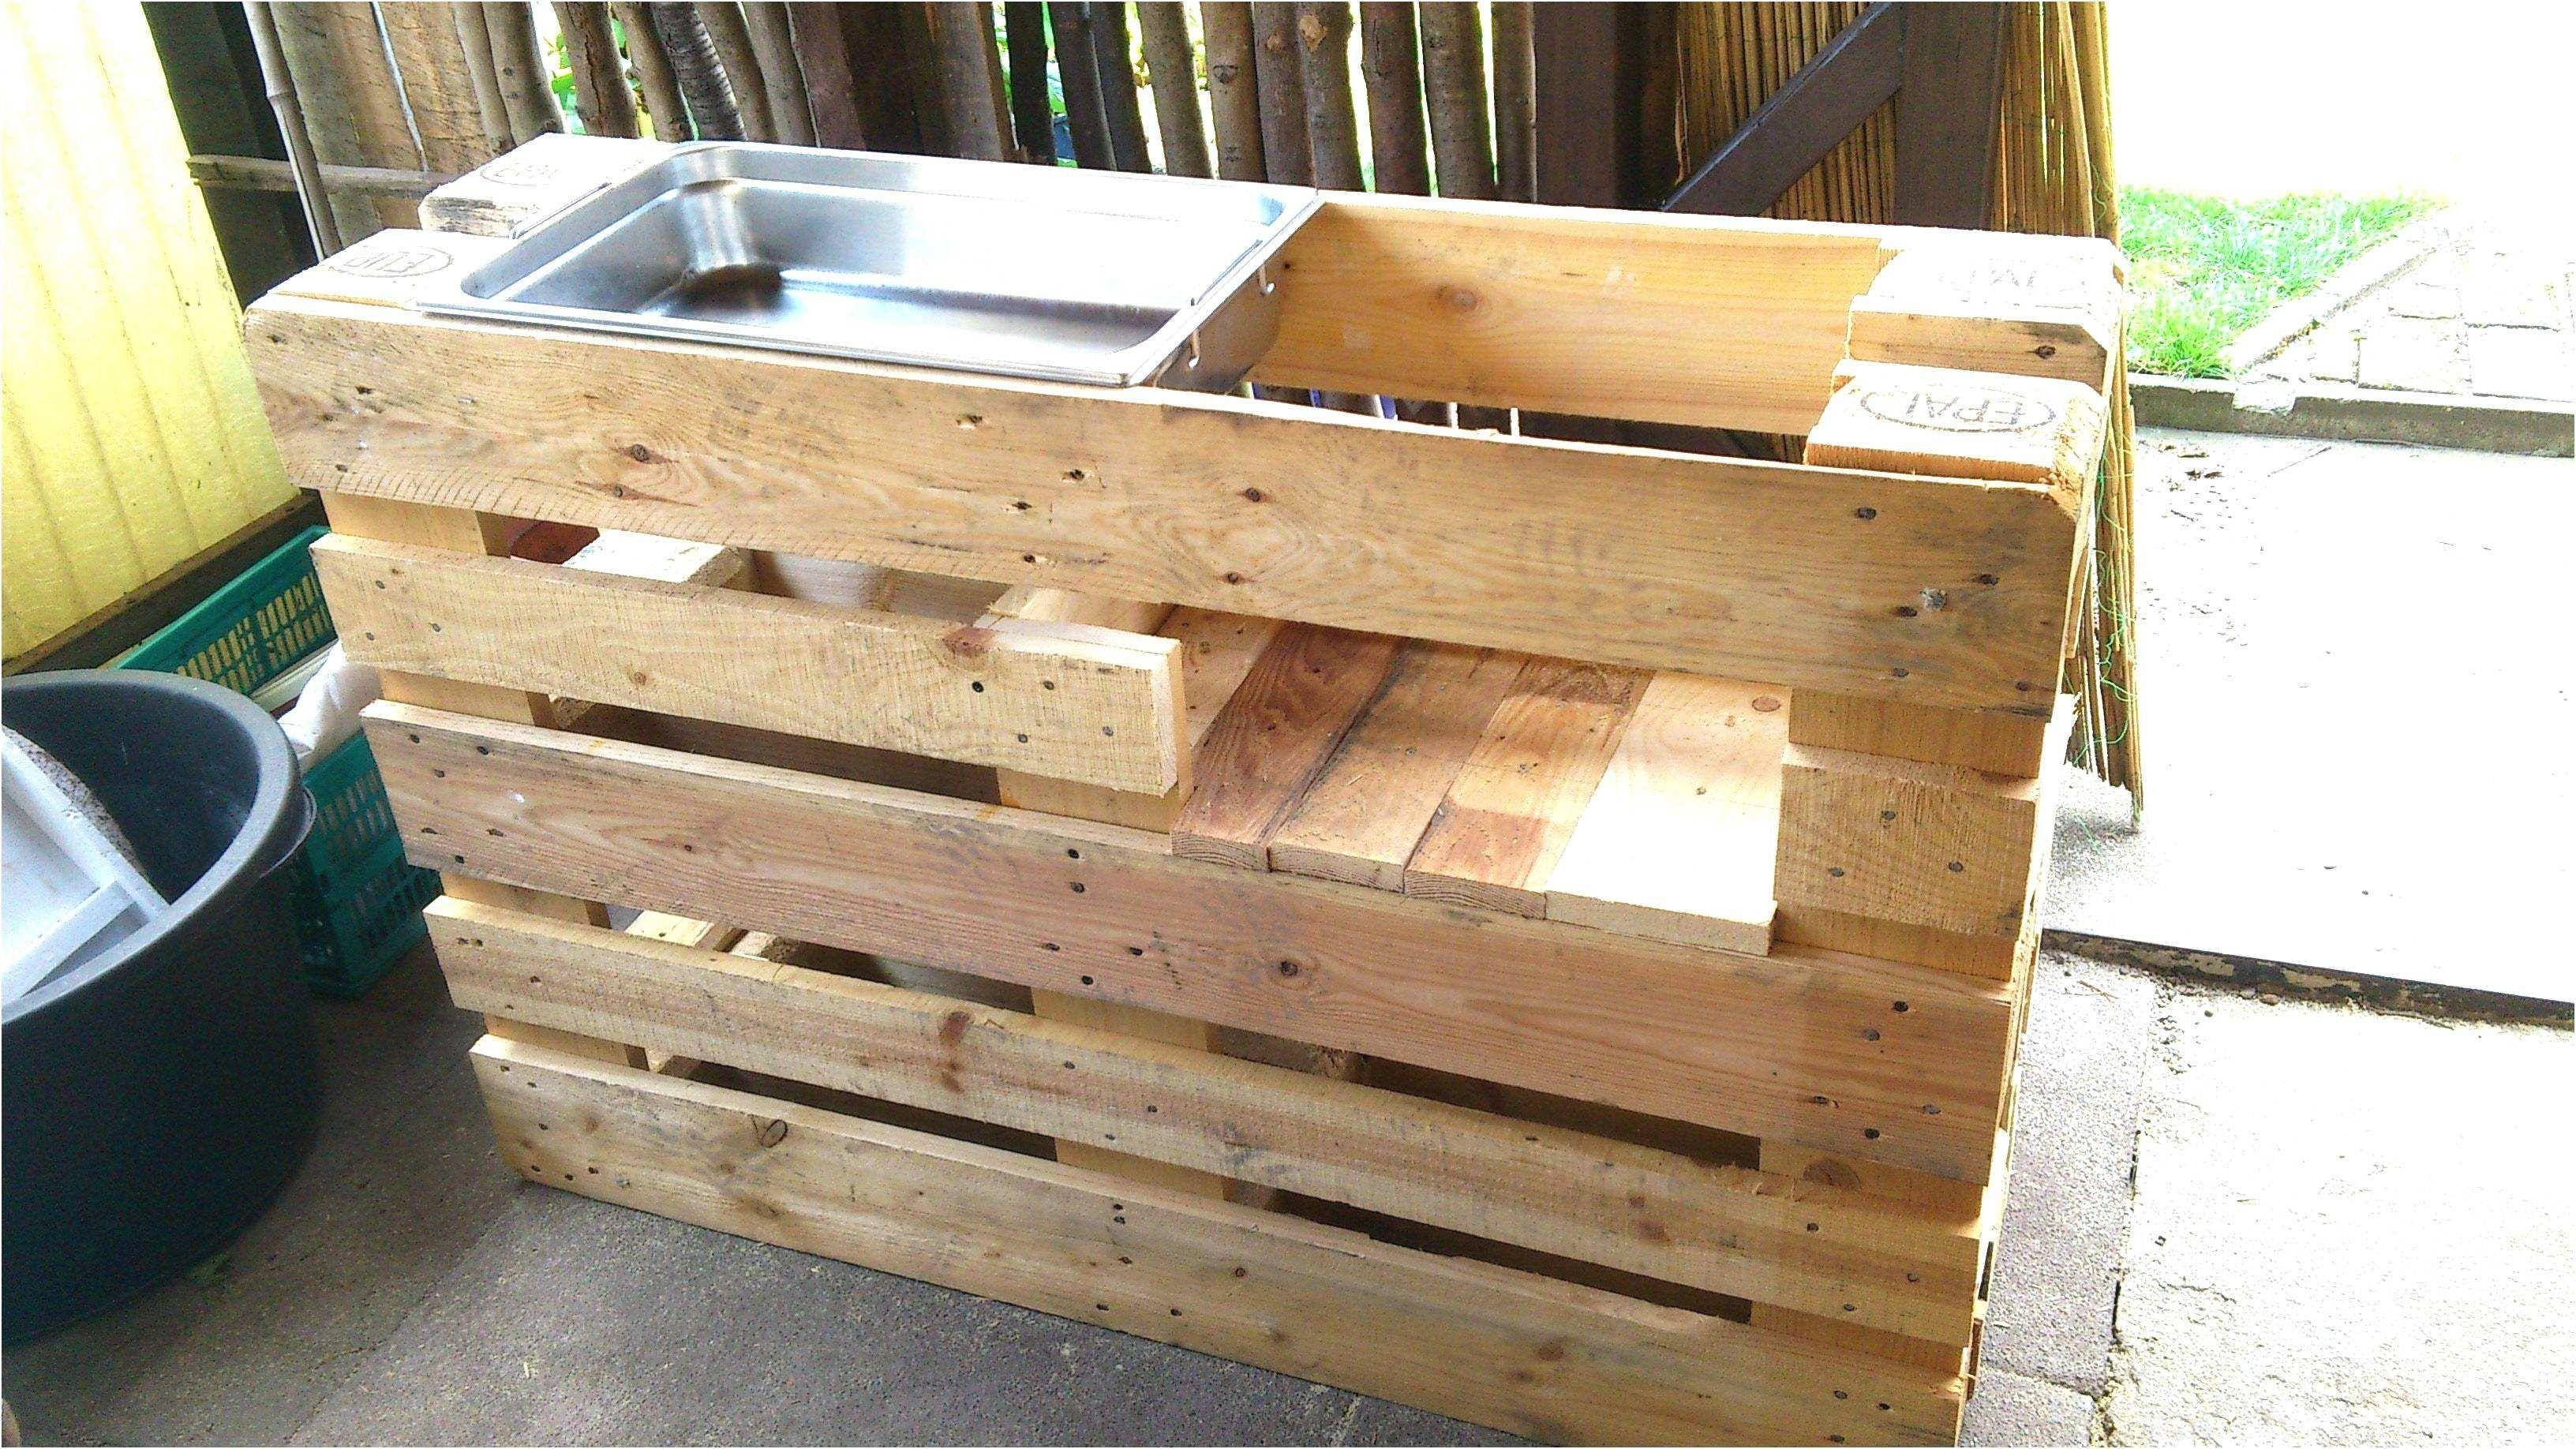 43 Genial Kuchenruckwand 4m Selber Bauen Paletten Kuche Selber Bauen Outdoor Kuche Selber Bauen